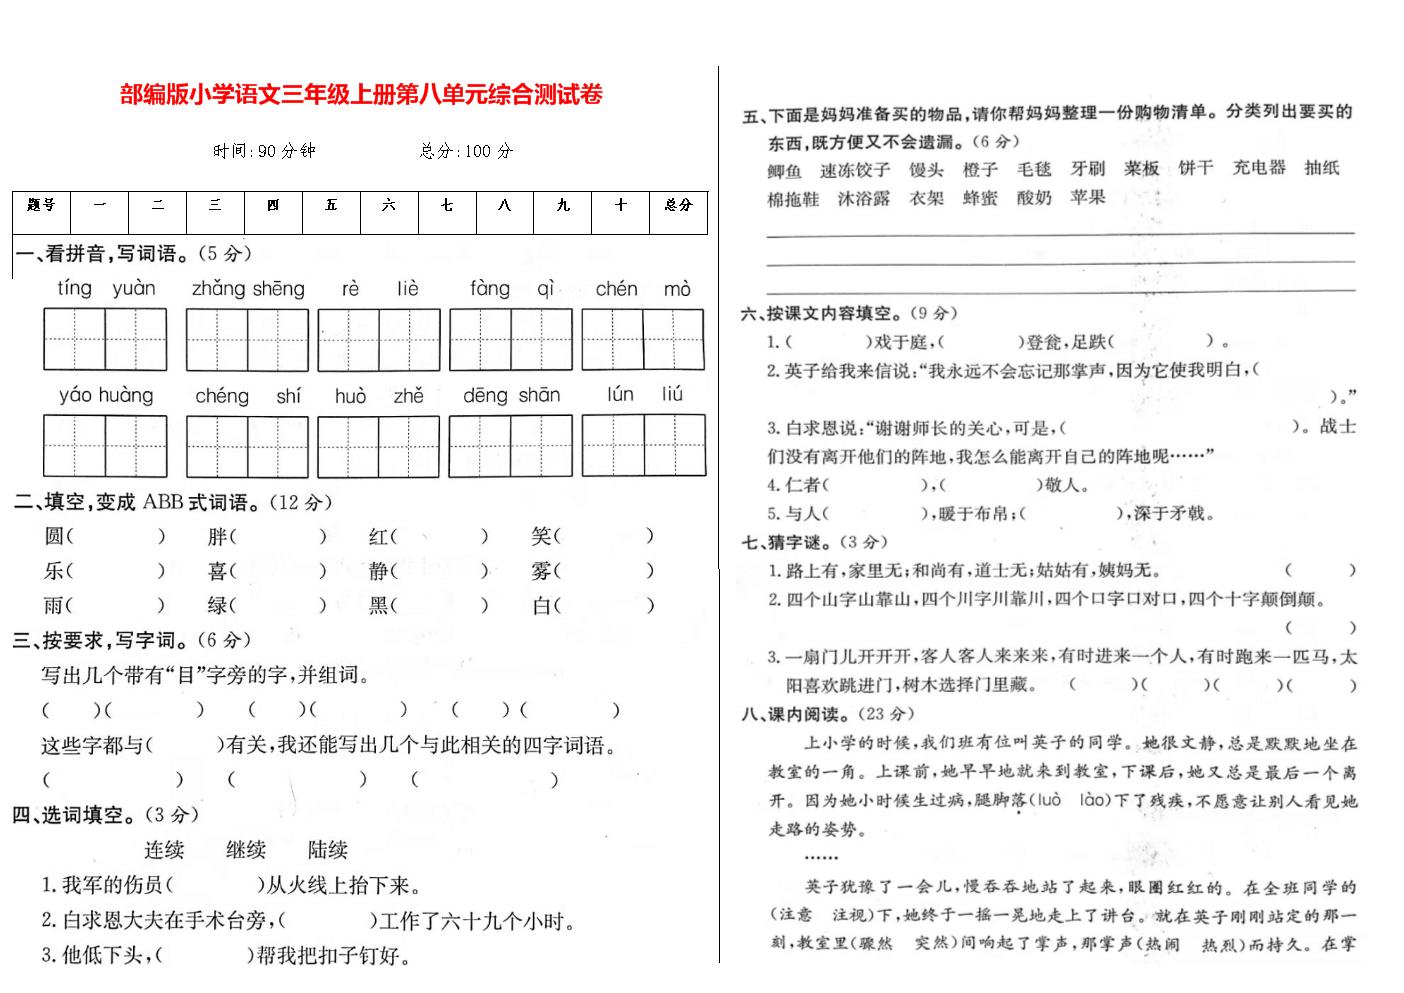 新部编版小学语文三年级上册第八单元综合测试卷(附答案).docx